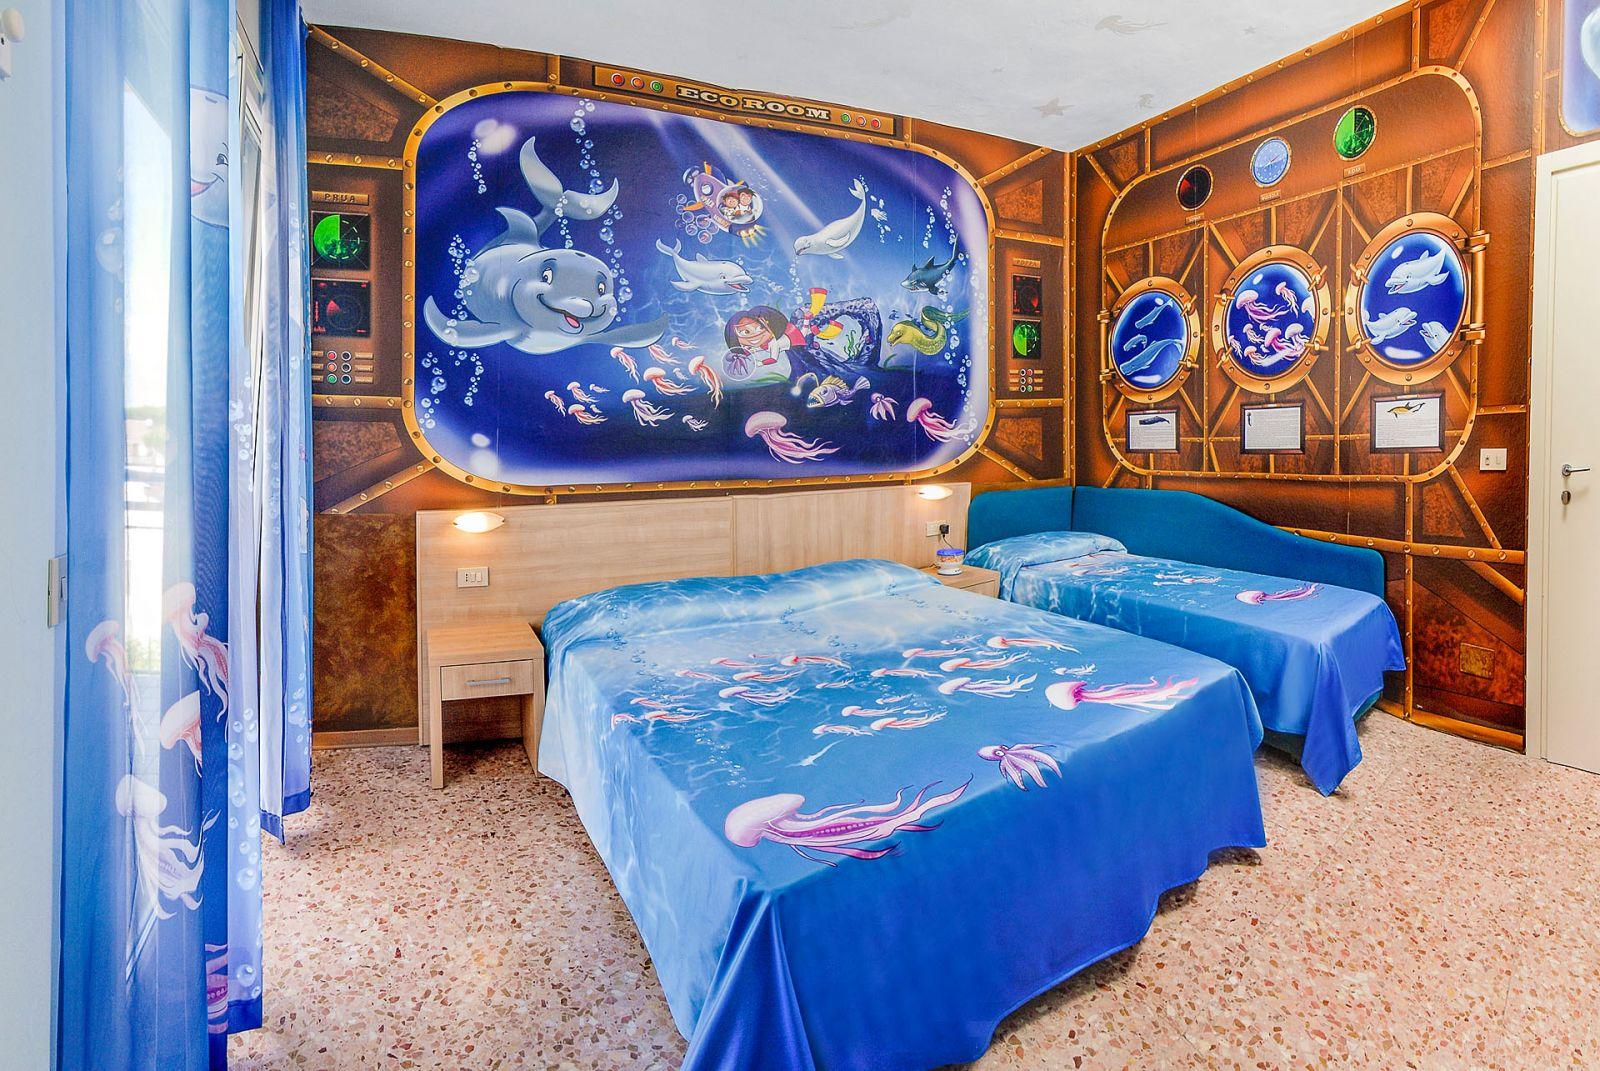 Bambino gratis al mare di lido di savio offerte alberghi - Hotel con camere a tema milano ...